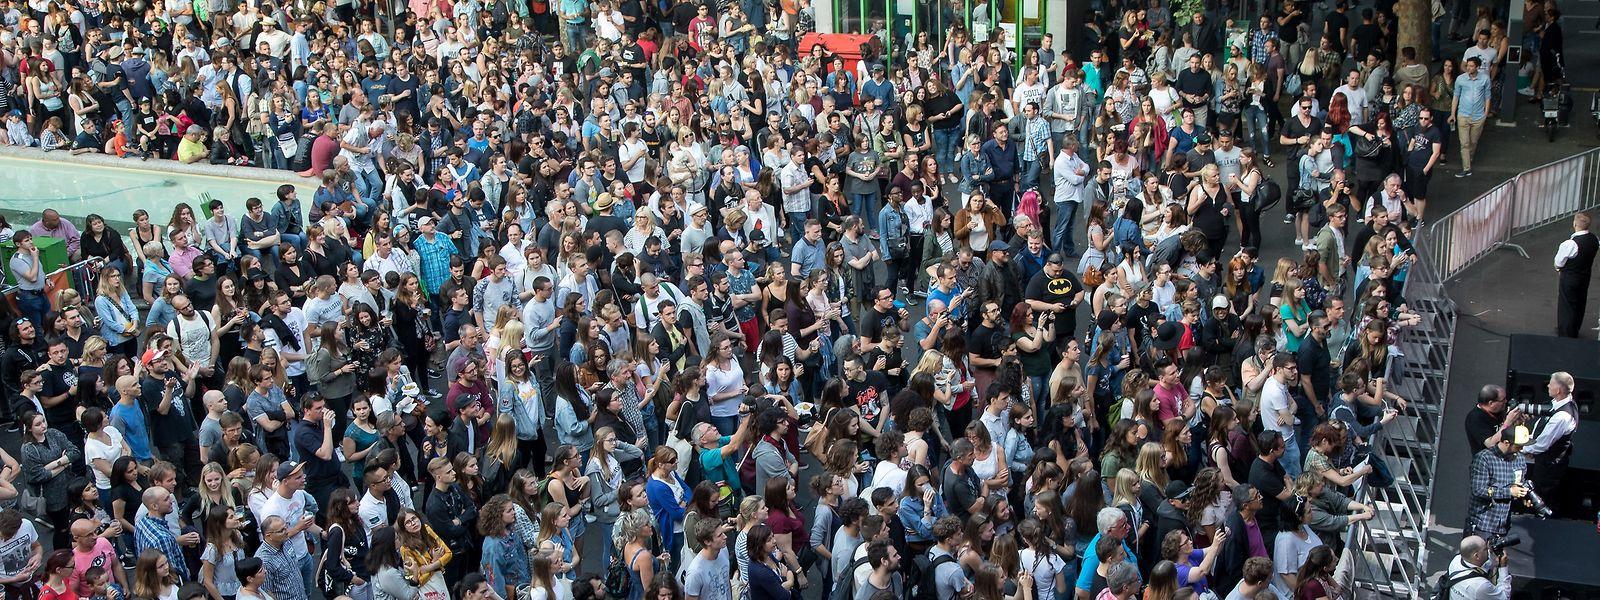 2017 hatten um die 20.000 Musikfreunde an der Düdelinger Fête de la musique teilgenommen. Spielt das Wetter mit, sollen es am 16. Juni wieder ähnlich viele werden.